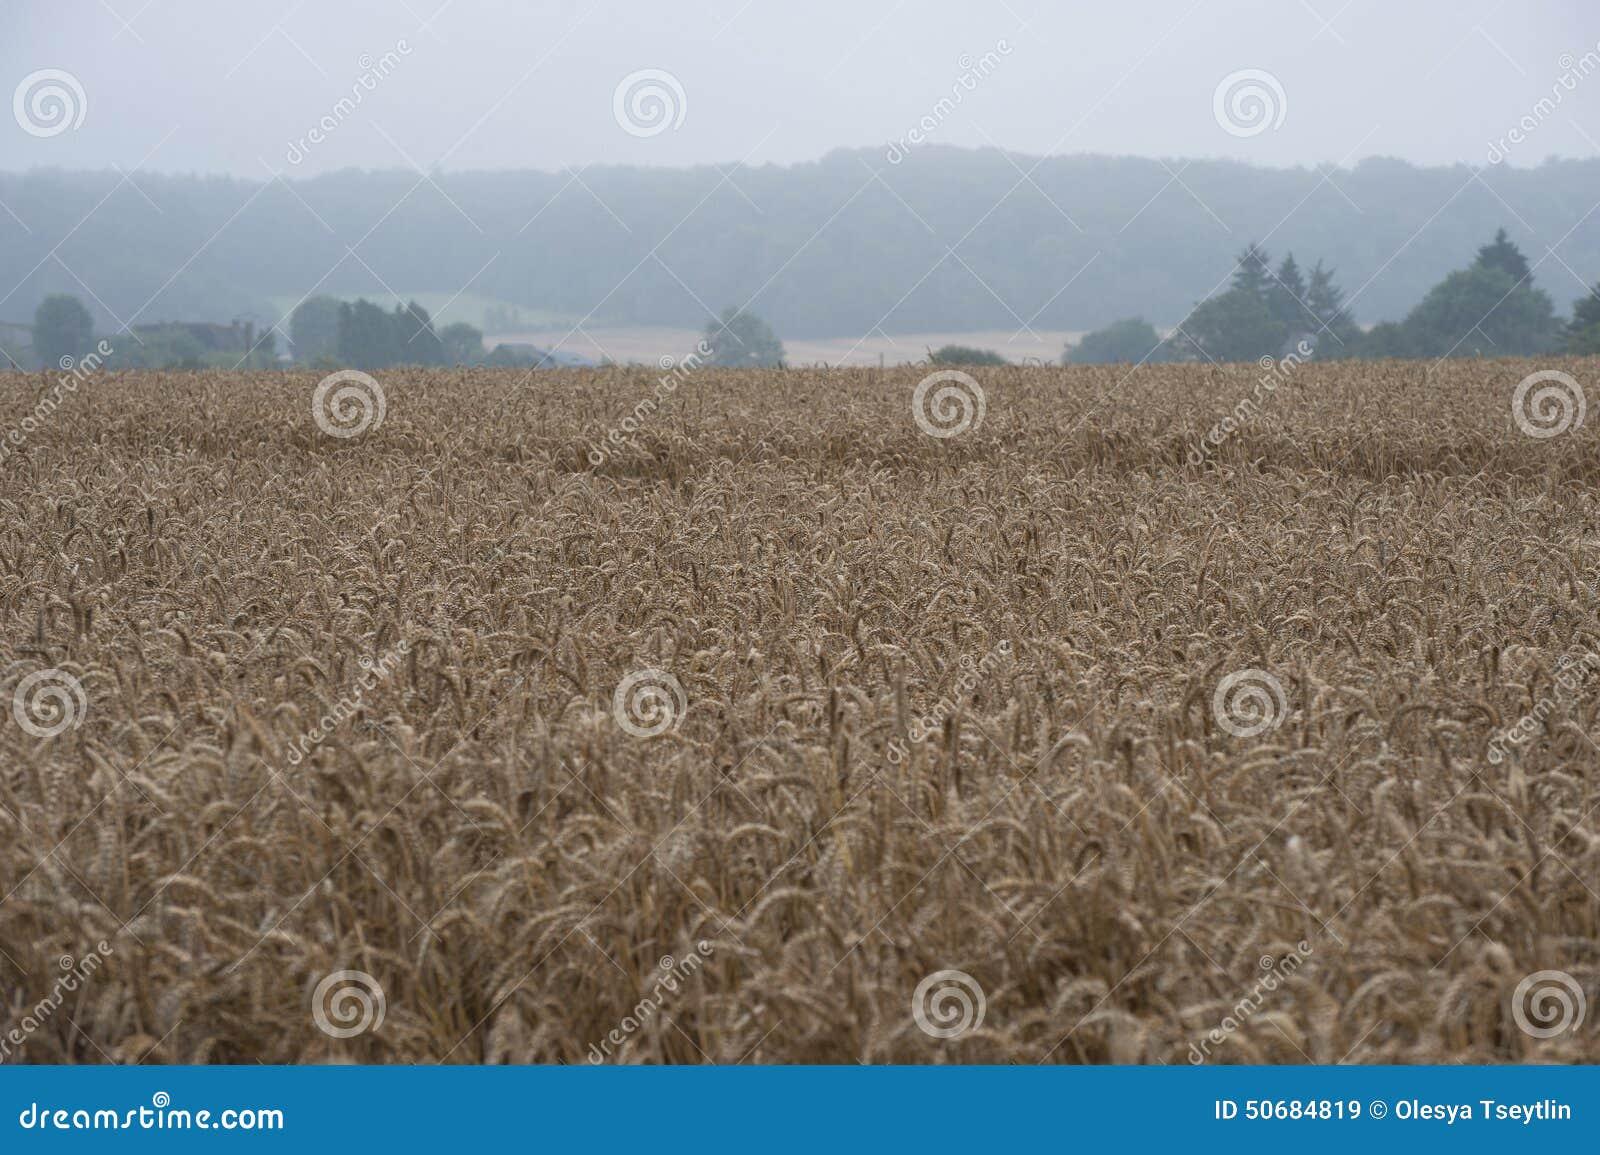 Download 在域的生长麦子 库存图片. 图片 包括有 生长, 种植园, 峰值, 词根, 麦子, 耳朵, 工厂, 巴西 - 50684819